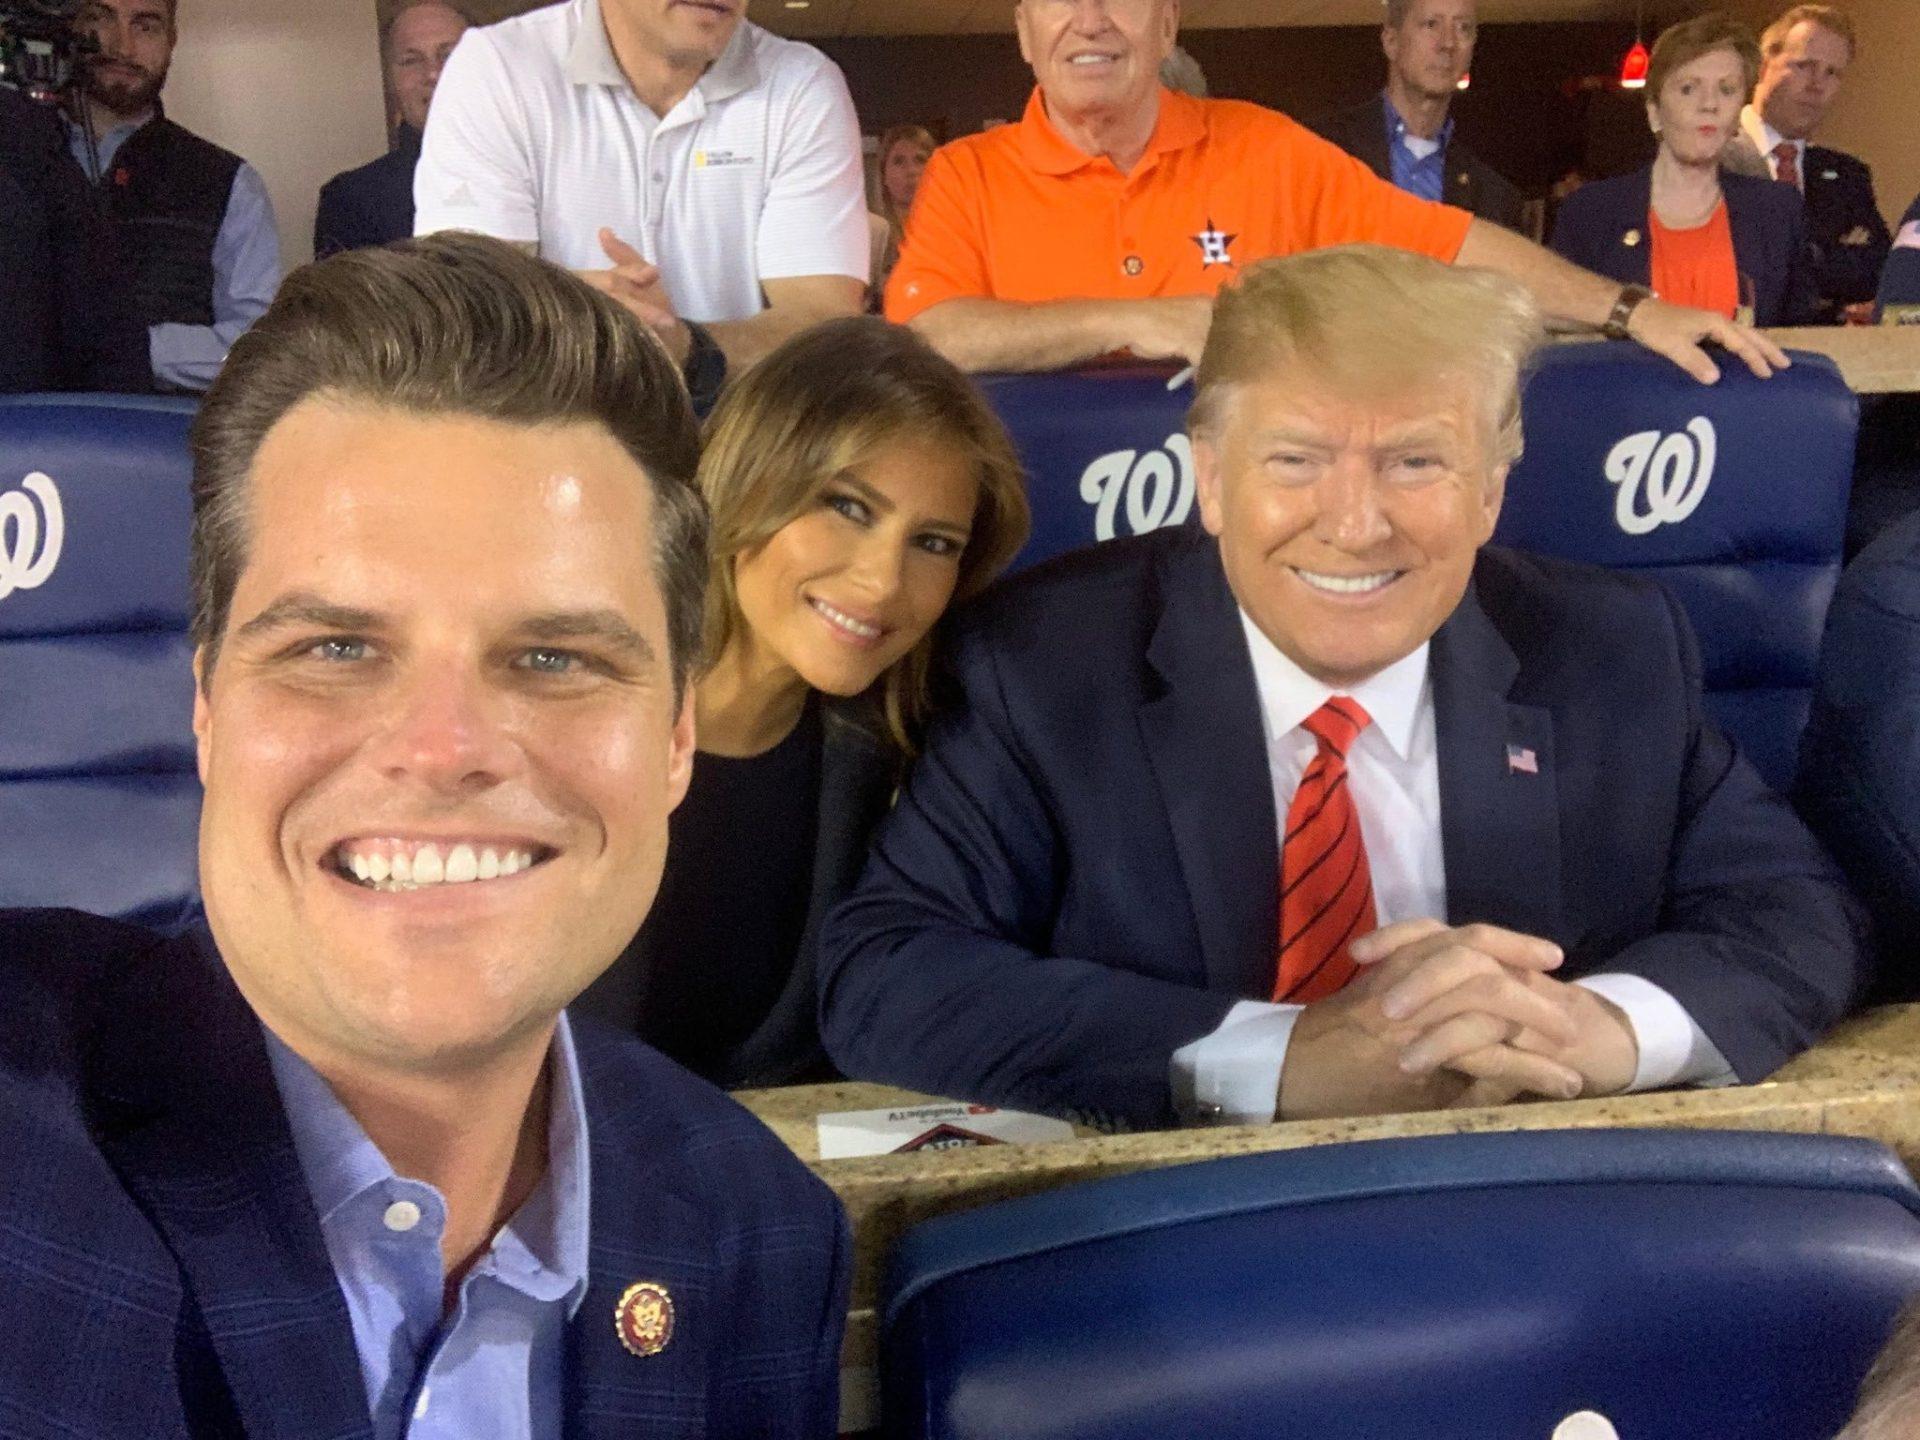 فضيحة جنسية تهز الكونجرس  بطلها صديق مقرب من ترامب .. يُطلع زملائه على صور عاريات!